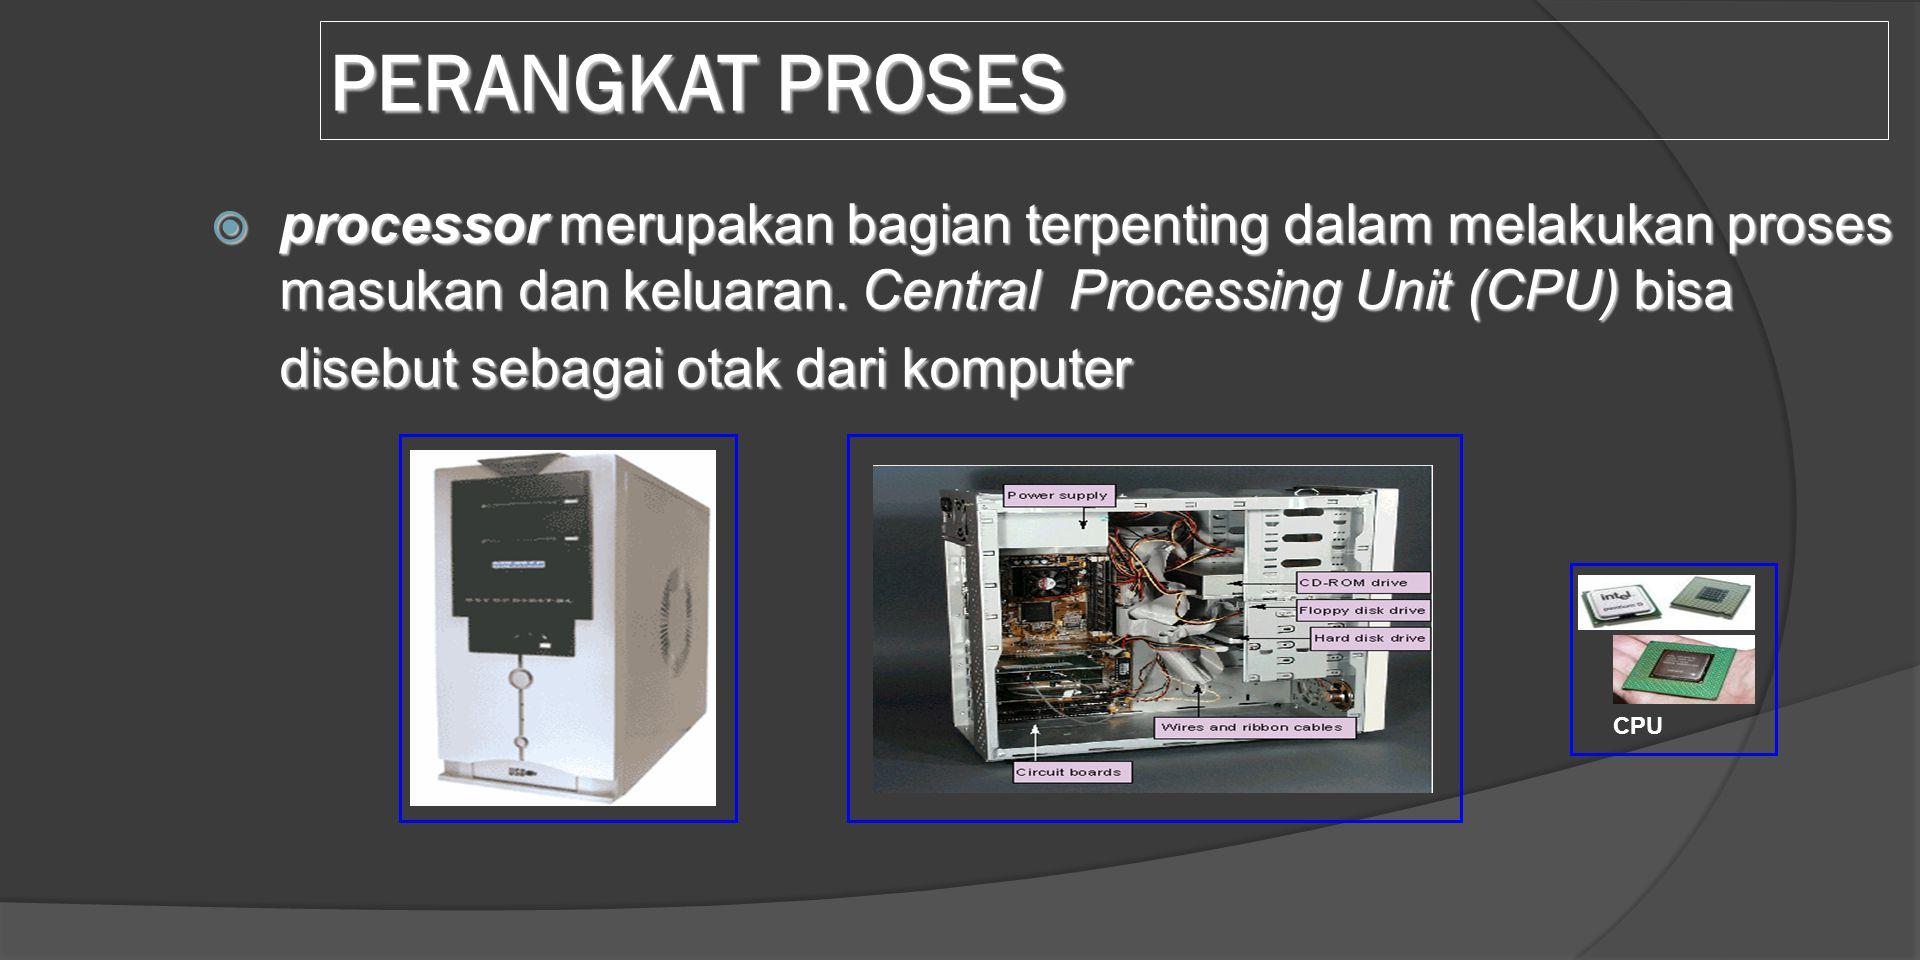 PERANGKAT PROSES  processor merupakan bagian terpenting dalam melakukan proses masukan dan keluaran. Central Processing Unit (CPU) bisa disebut sebag